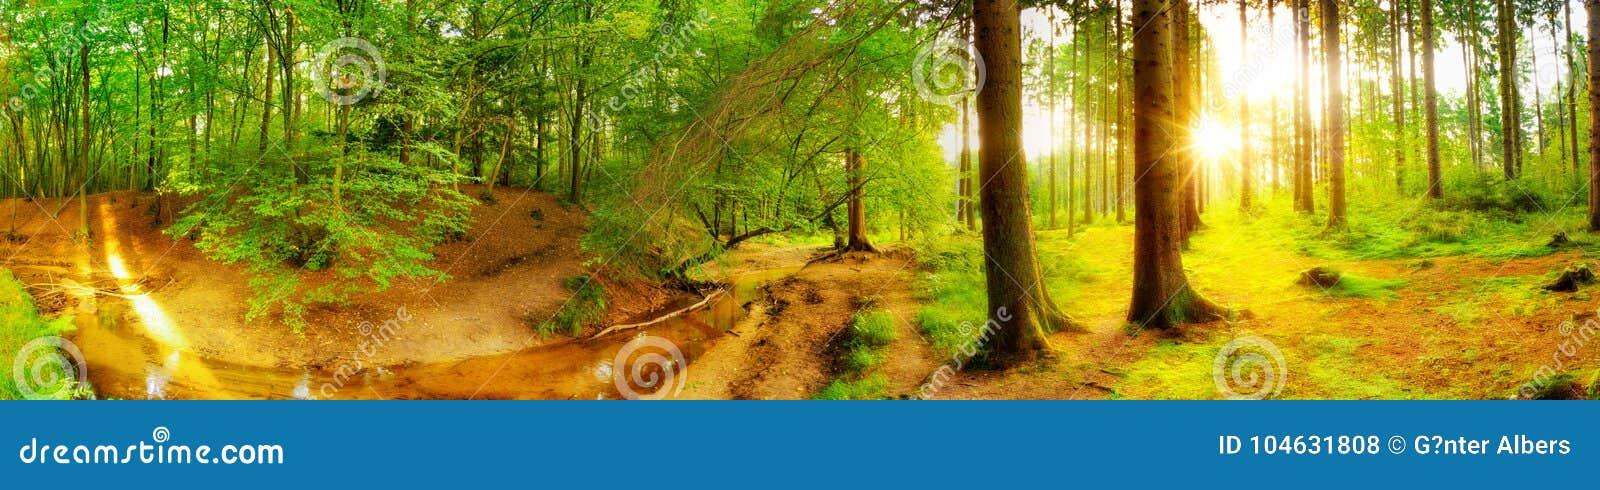 Download Idyllisch bos met beek stock foto. Afbeelding bestaande uit nave - 104631808